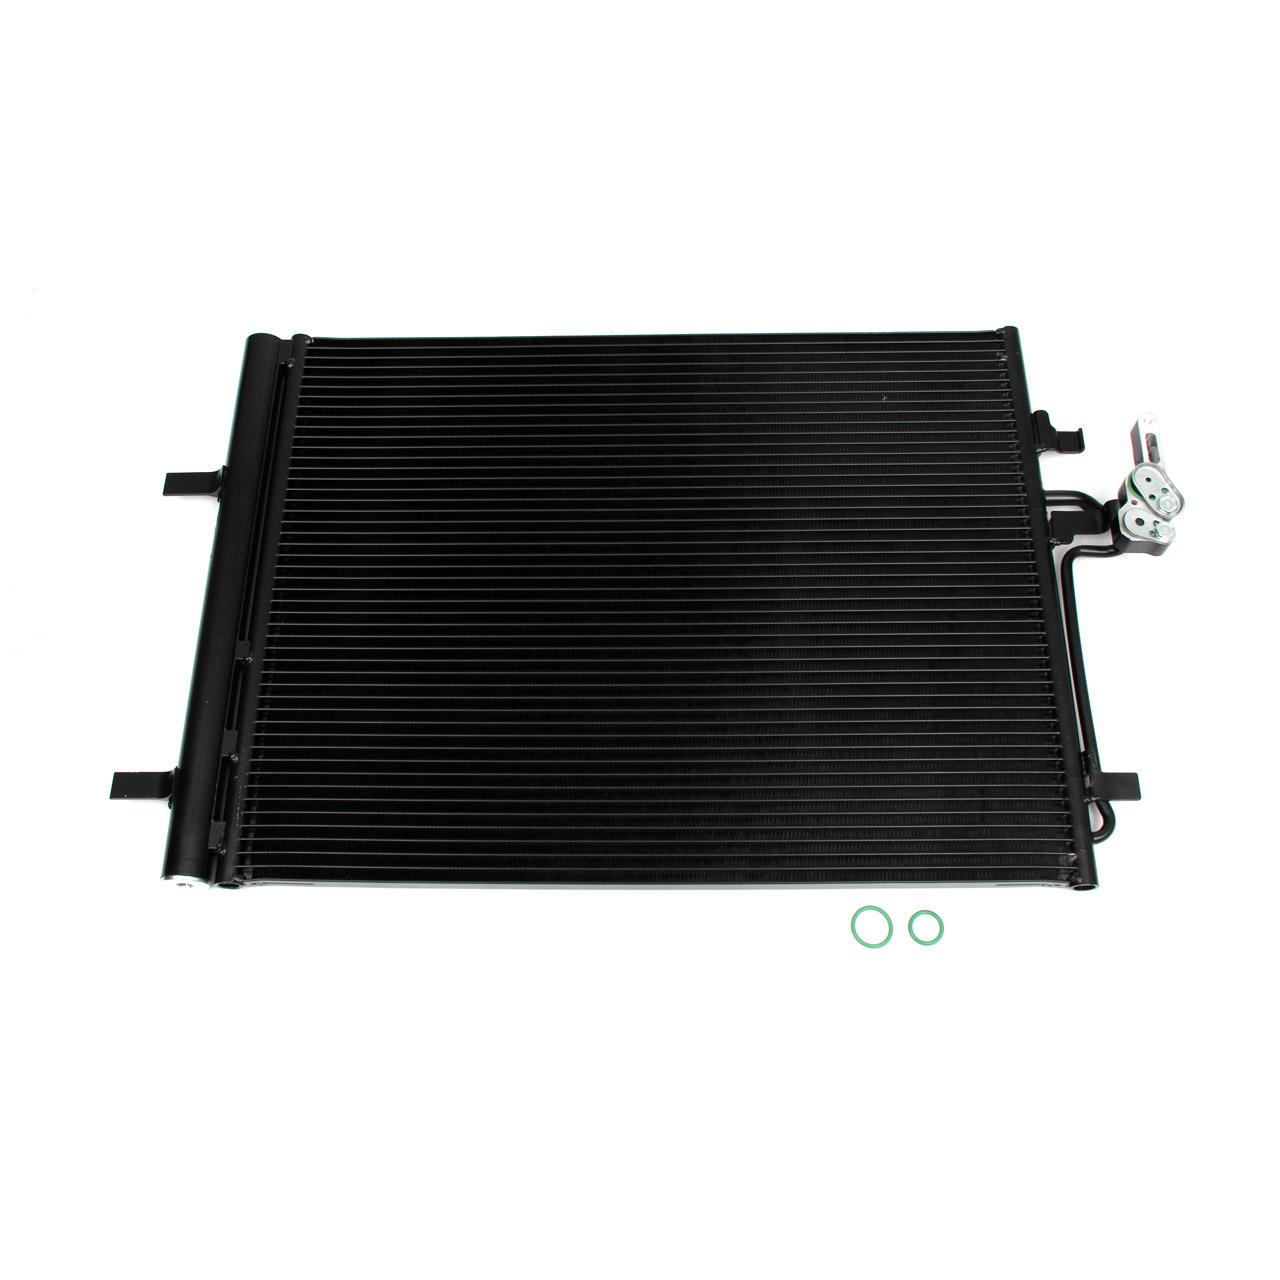 NRF 35850 Kondensator EASY FIT FORD Galaxy S-Max WA6 Mondeo BA7 VOLVO S80 2 V60 1 XC60 1 2